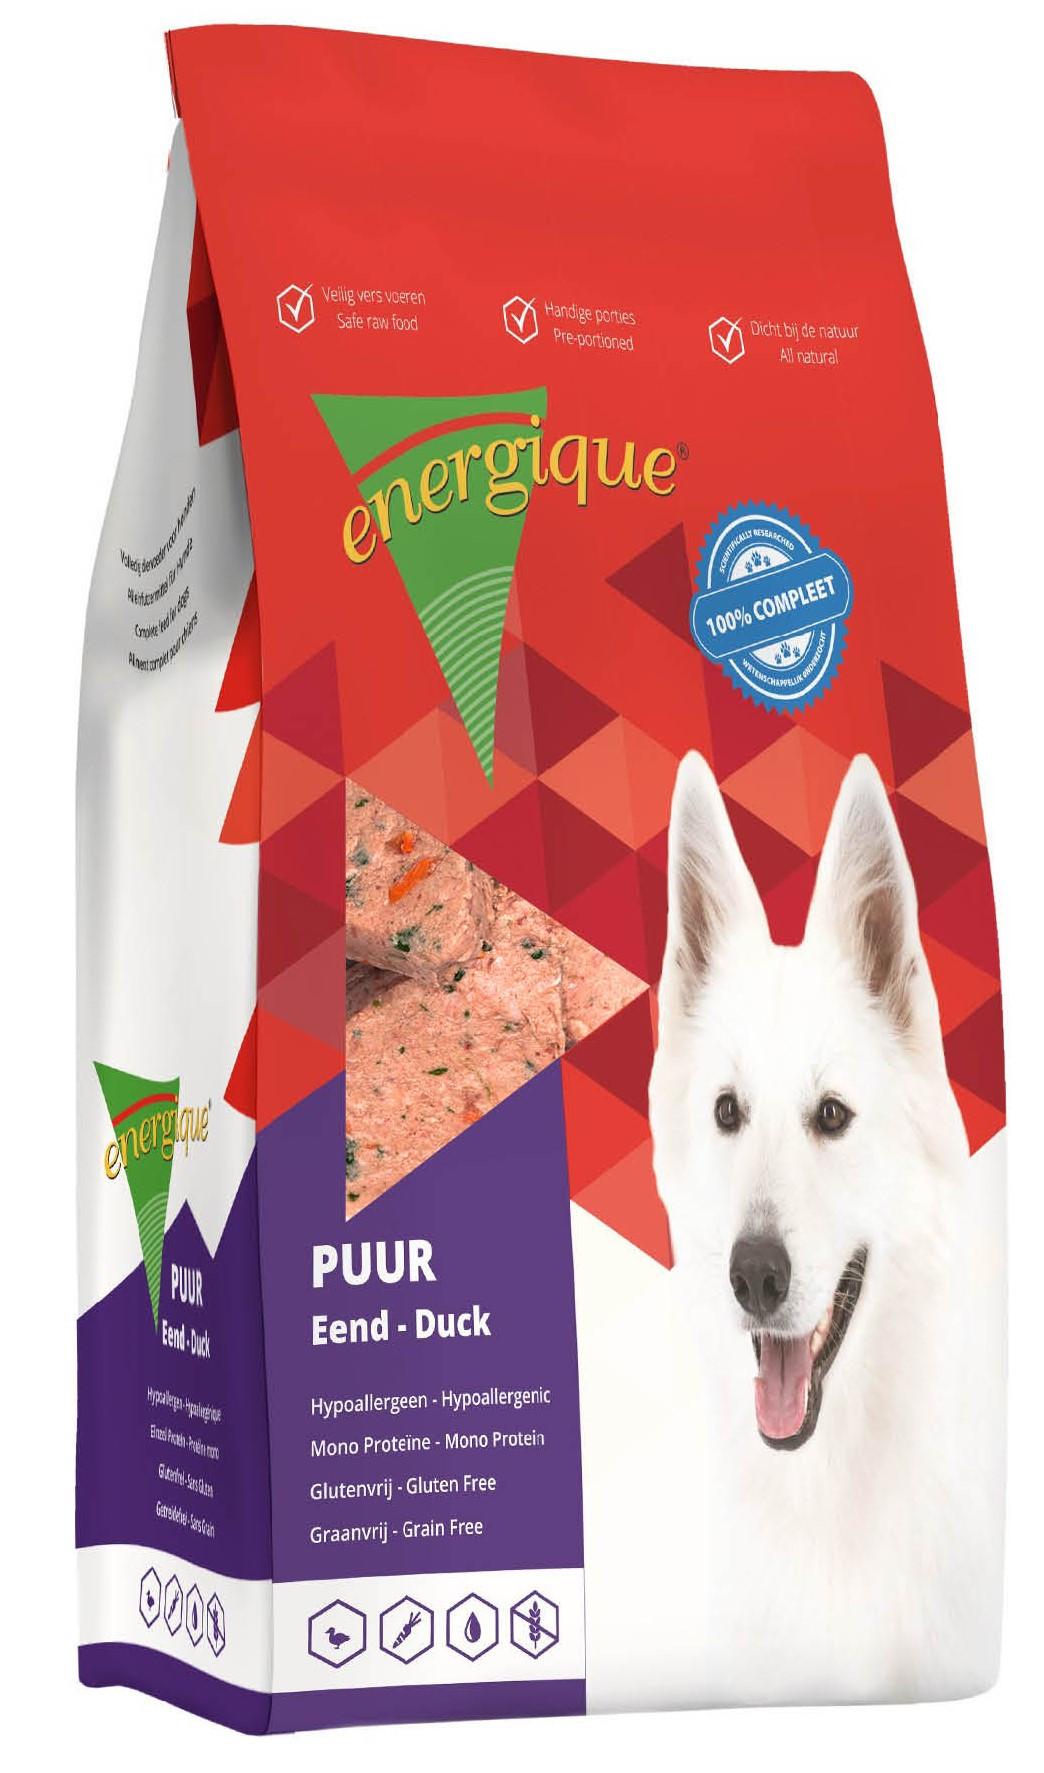 Energique hondenvoer Puur eend graanvrij <br>12 kg